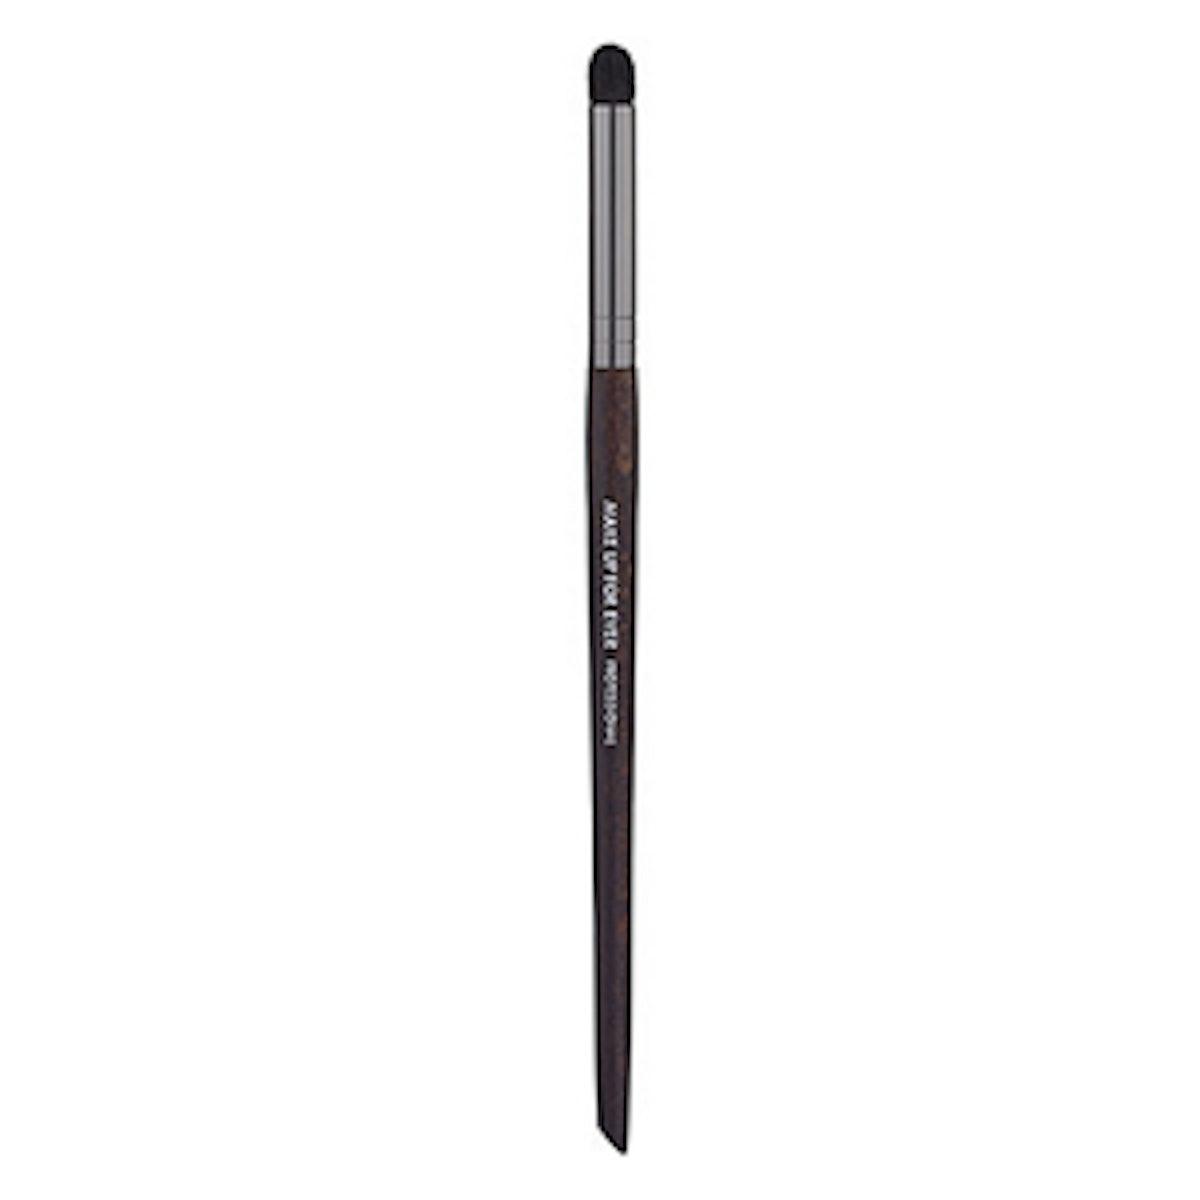 Make Up For Ever 216 Medium Precision Blender Brush